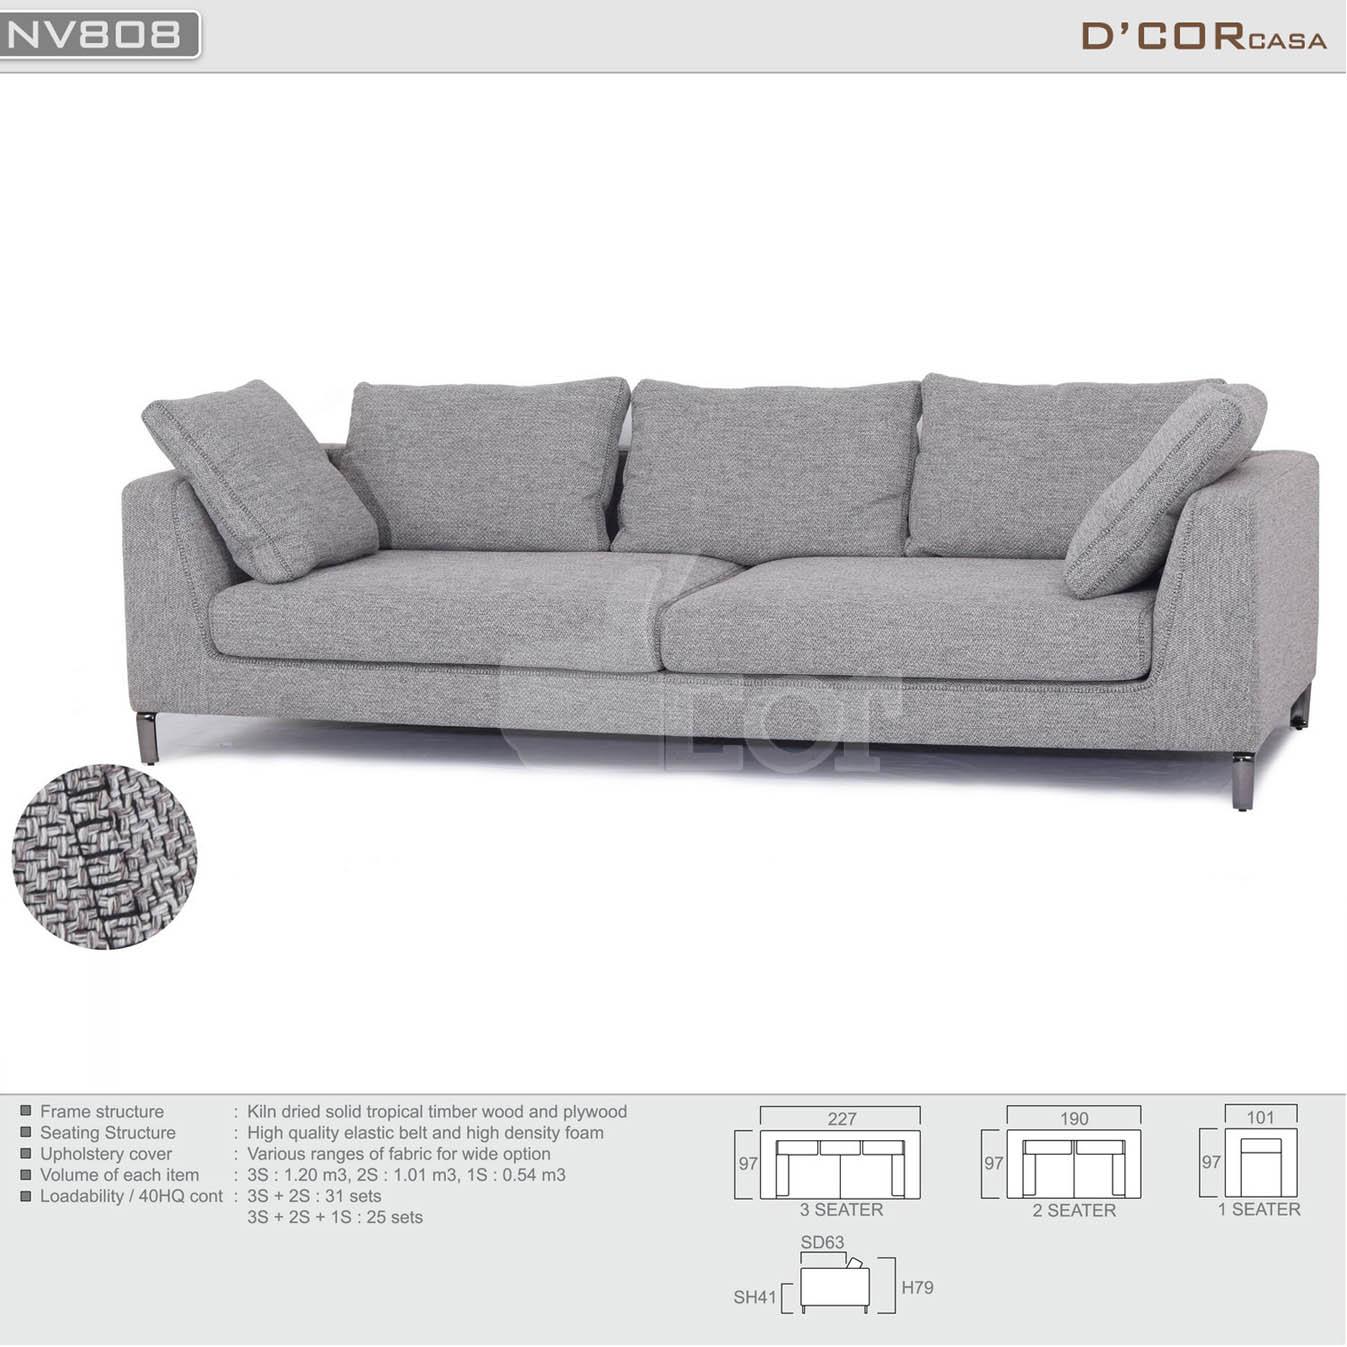 Mẫu sofa văng nỉ đẹp giá rẻ thịnh hành nhất năm 2018